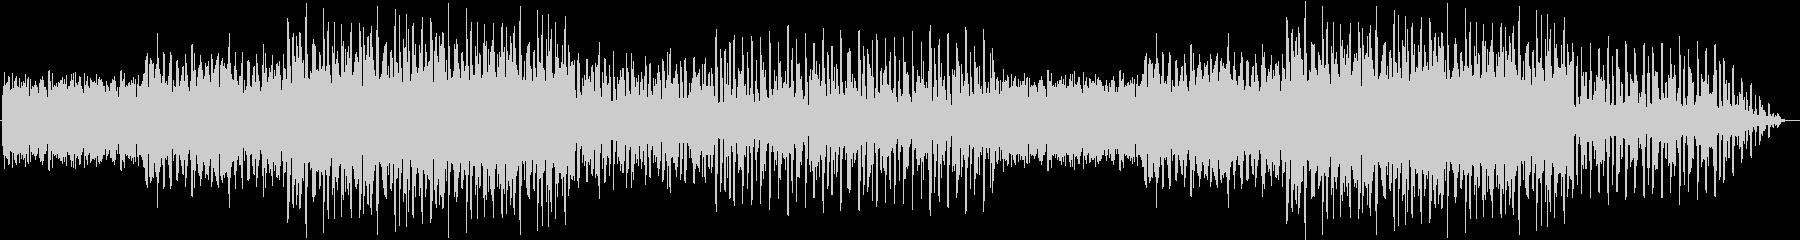 都会的なイメージのエレクトロミュージックの未再生の波形